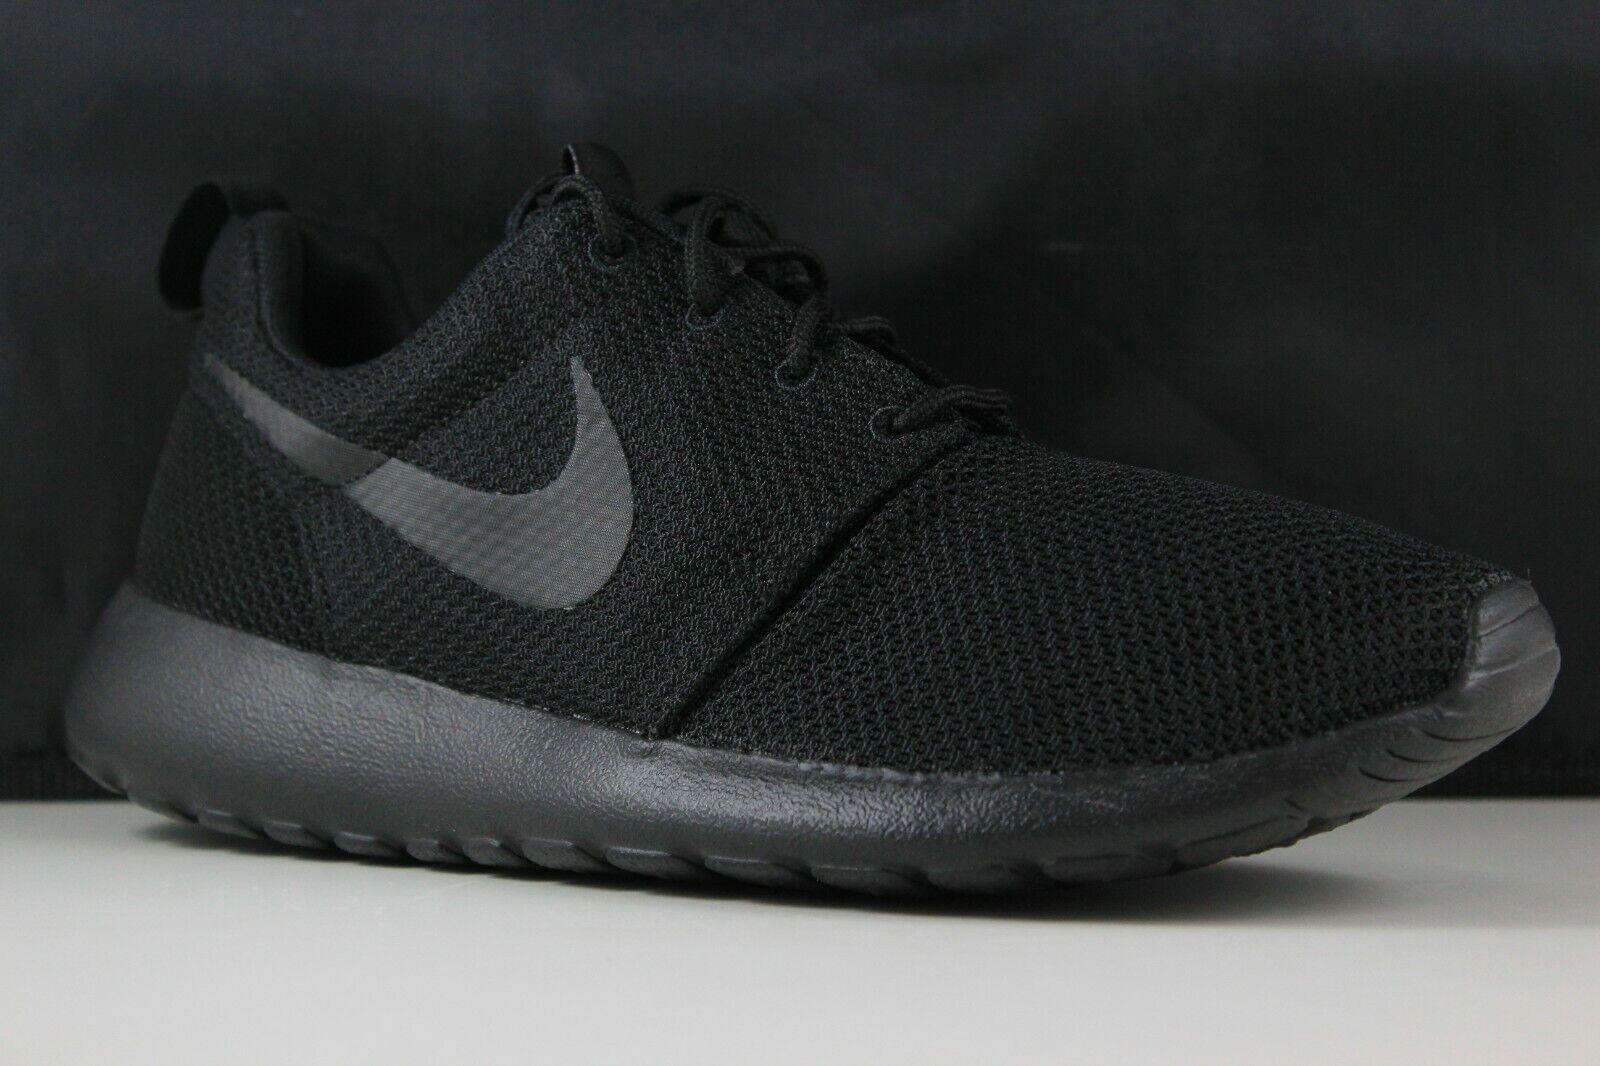 e84e7184293e Nike Roshe One Rosherun Triple Black Mens Running Shoes SNEAKERS ...